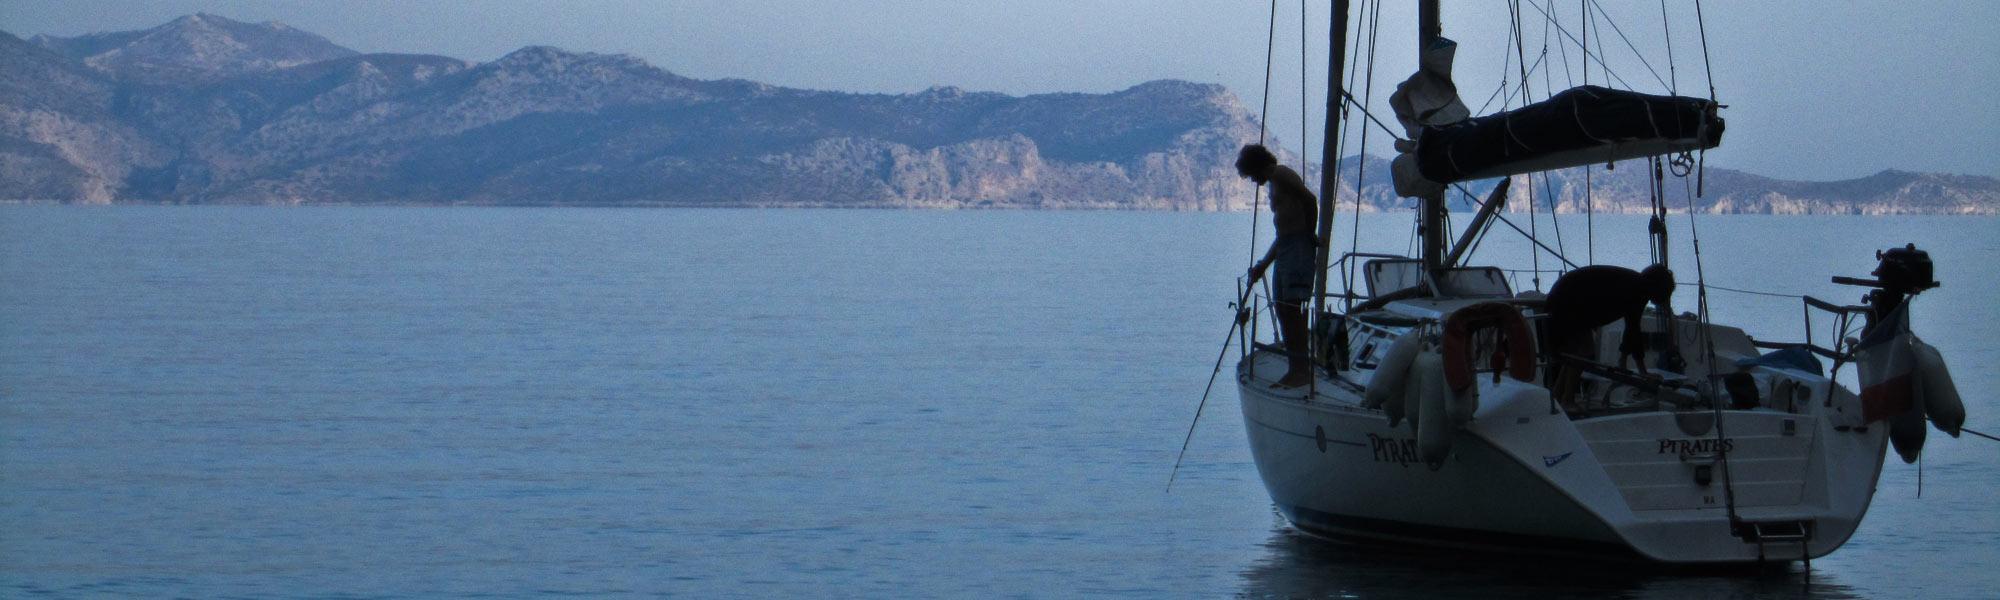 séjour escalade Grèce